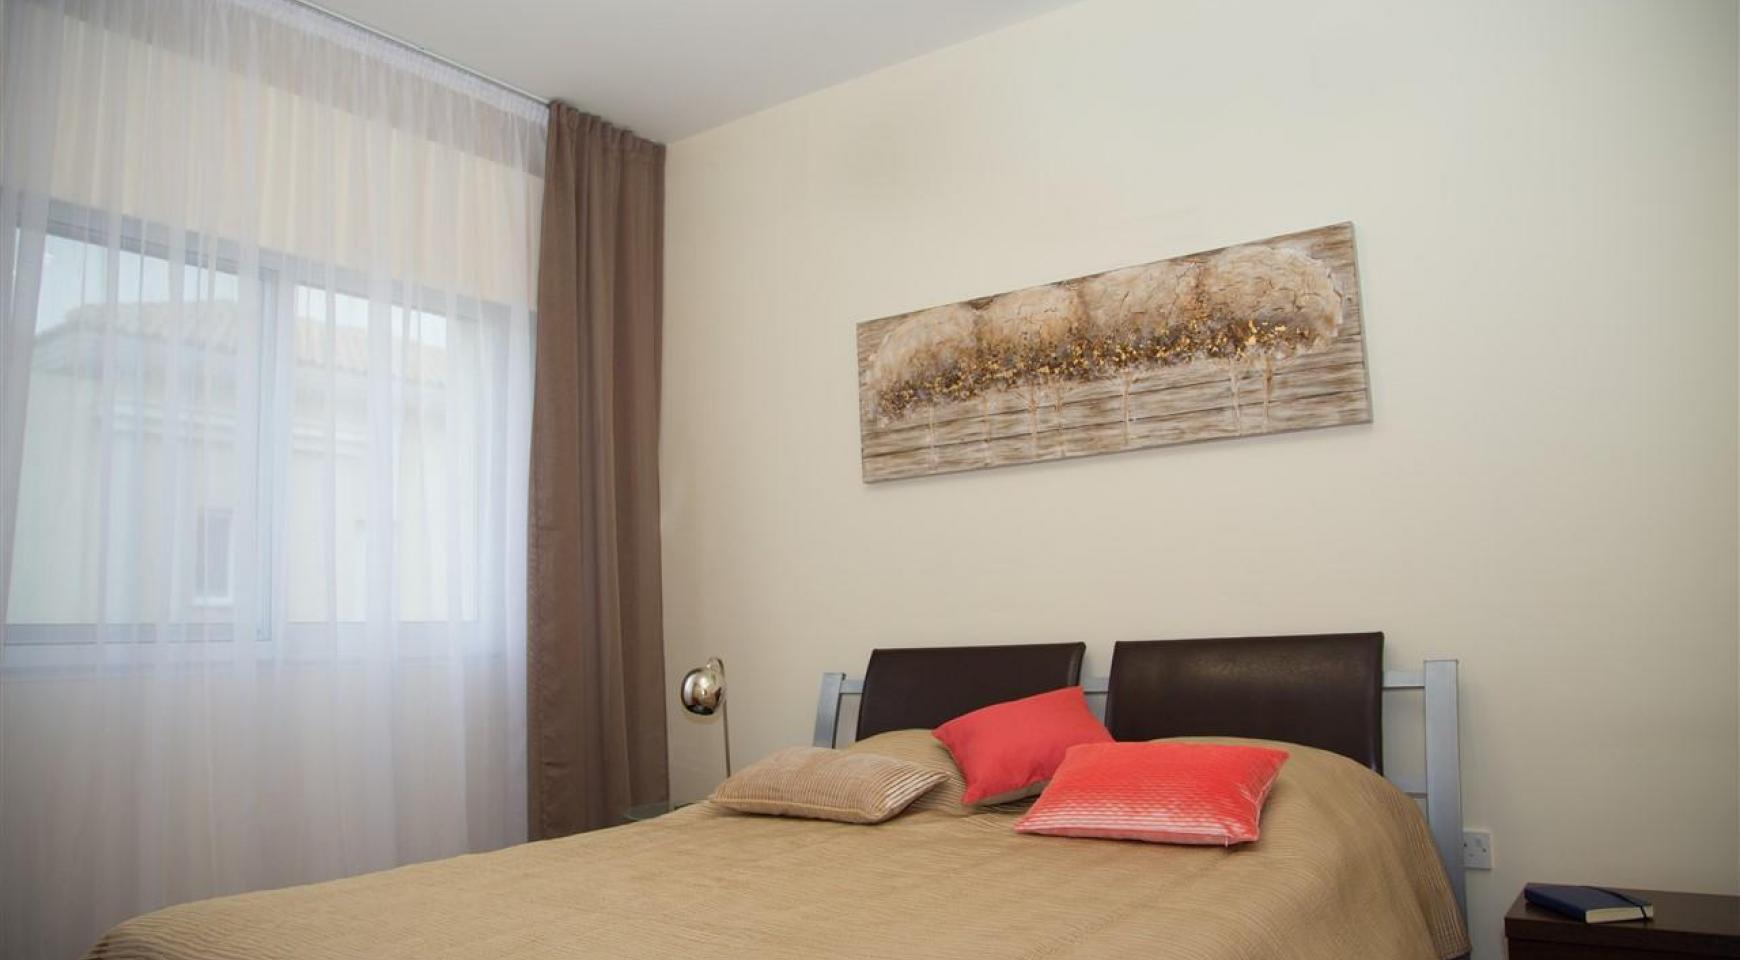 """2-Спальная Квартира - Люкс """"Mesogios Iris 304"""" в Туристической Зоне возле Моря - 17"""